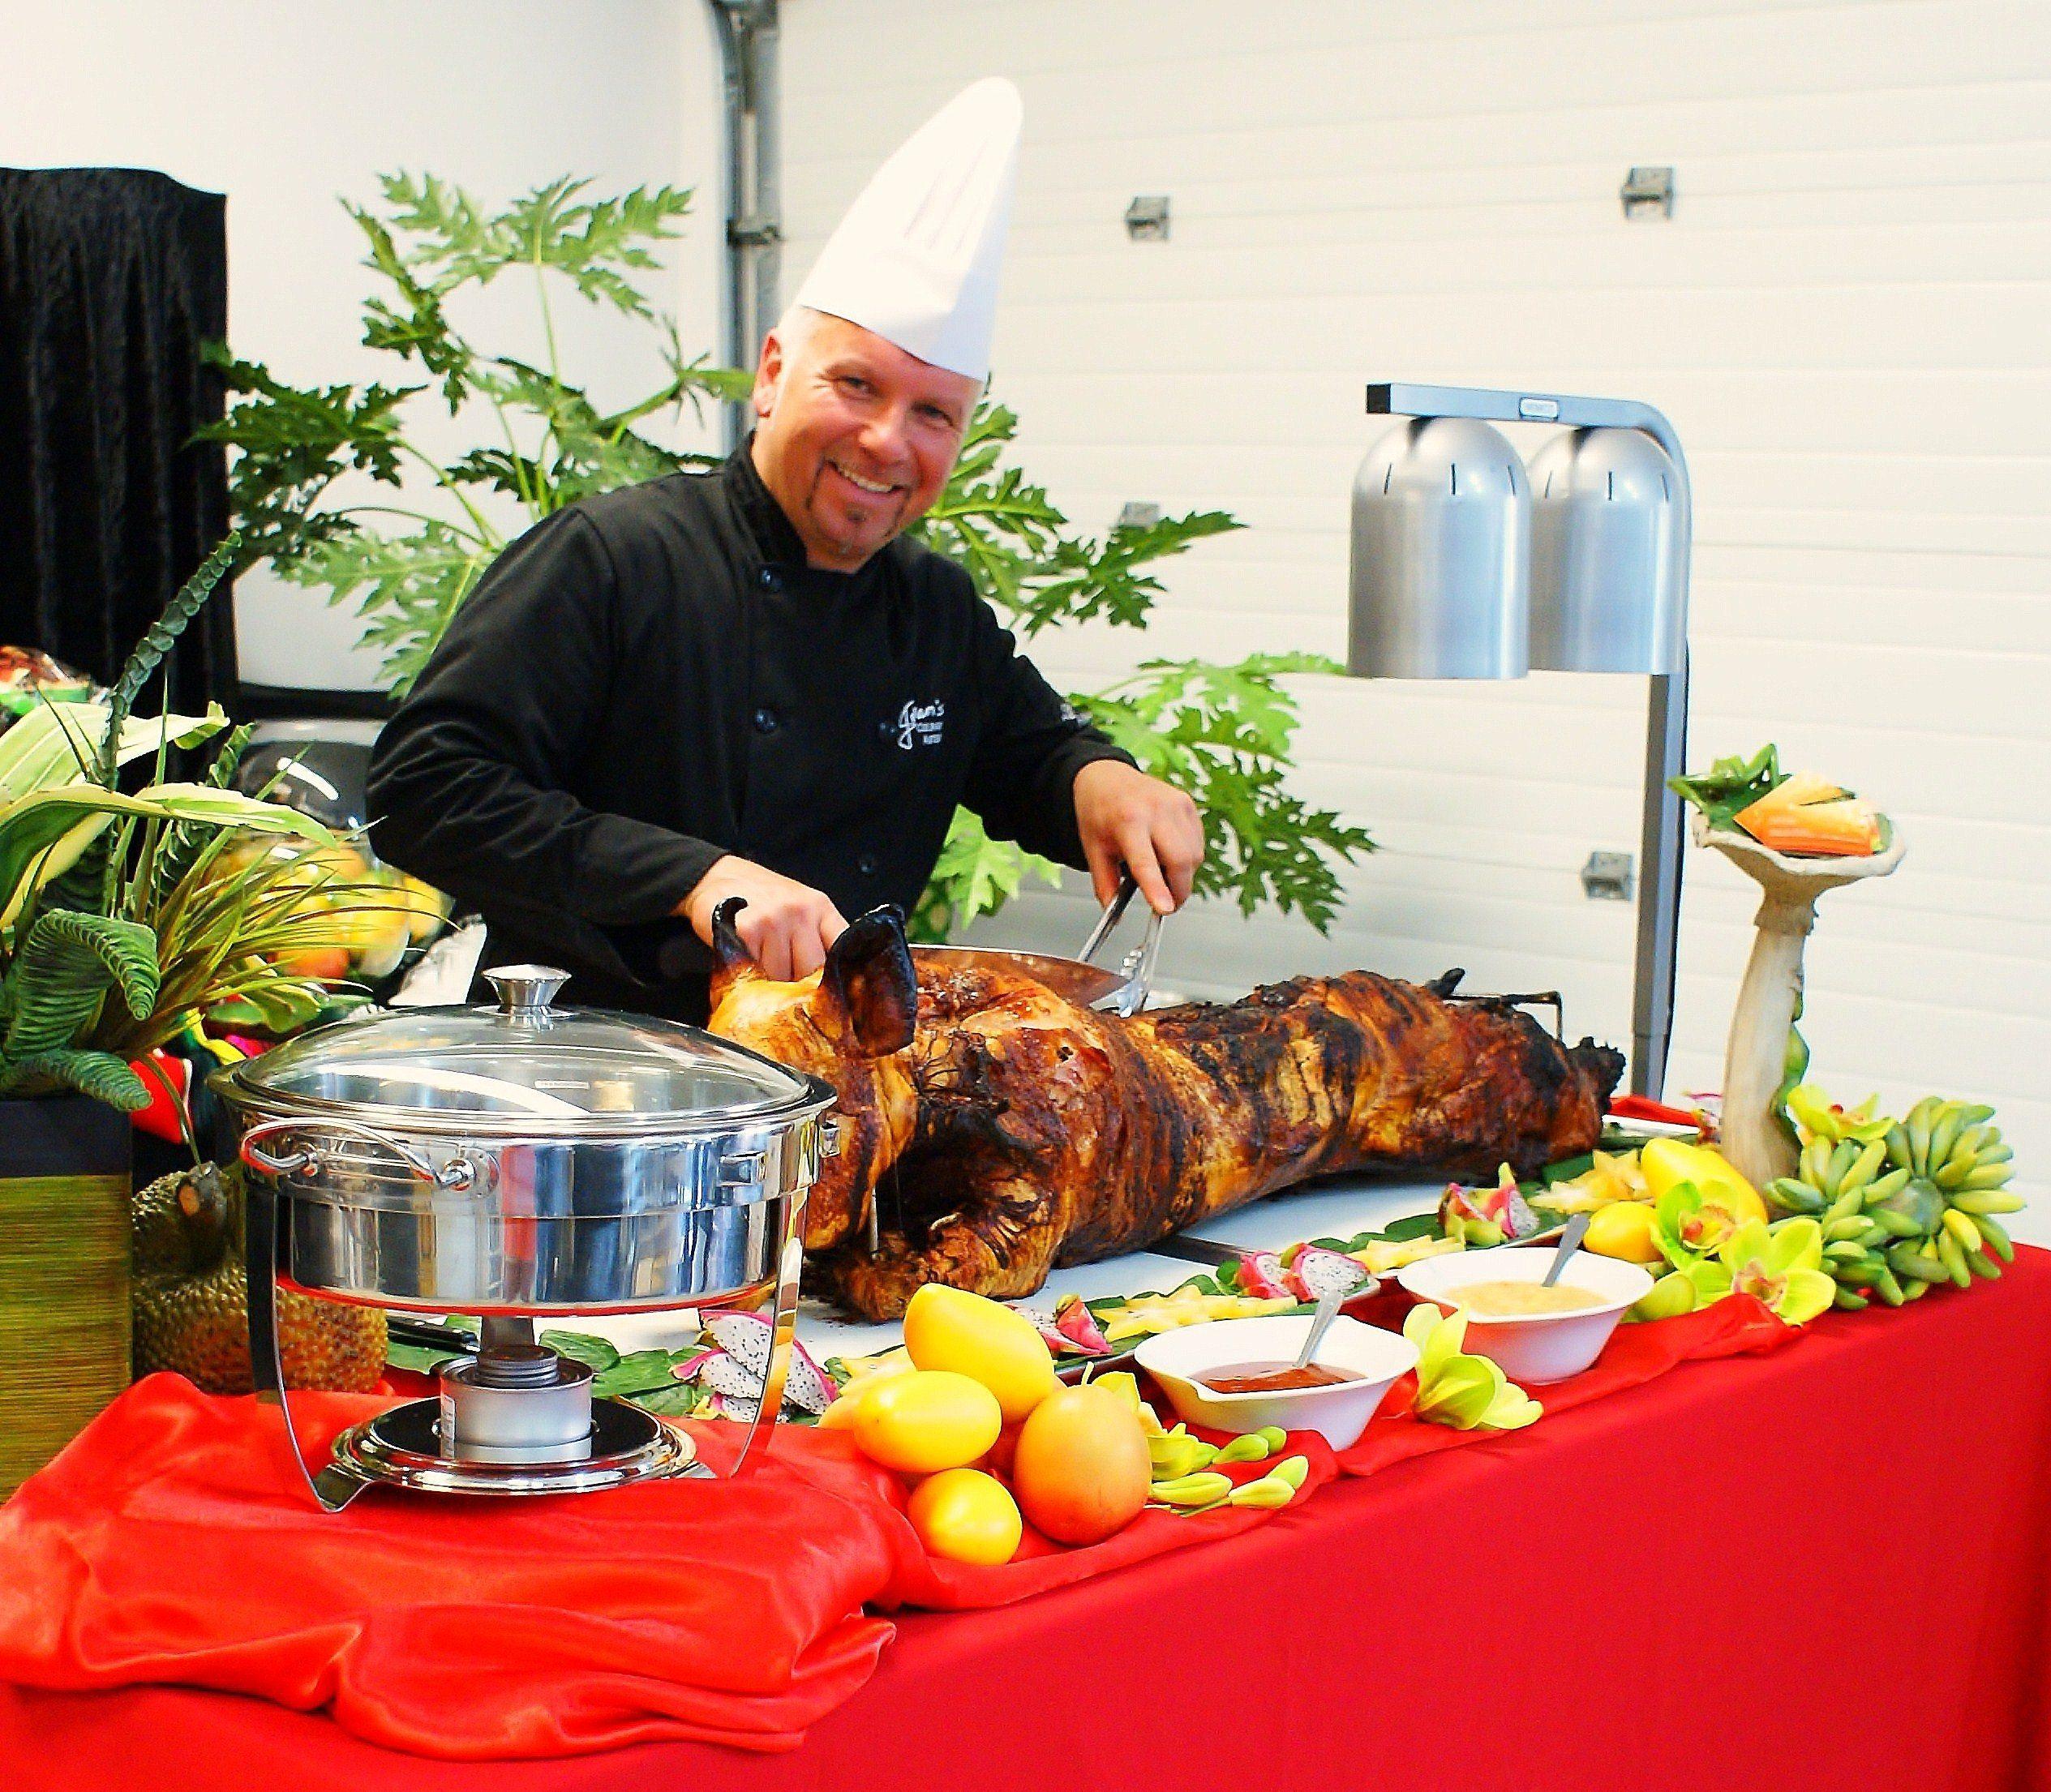 Chef Pig Roast